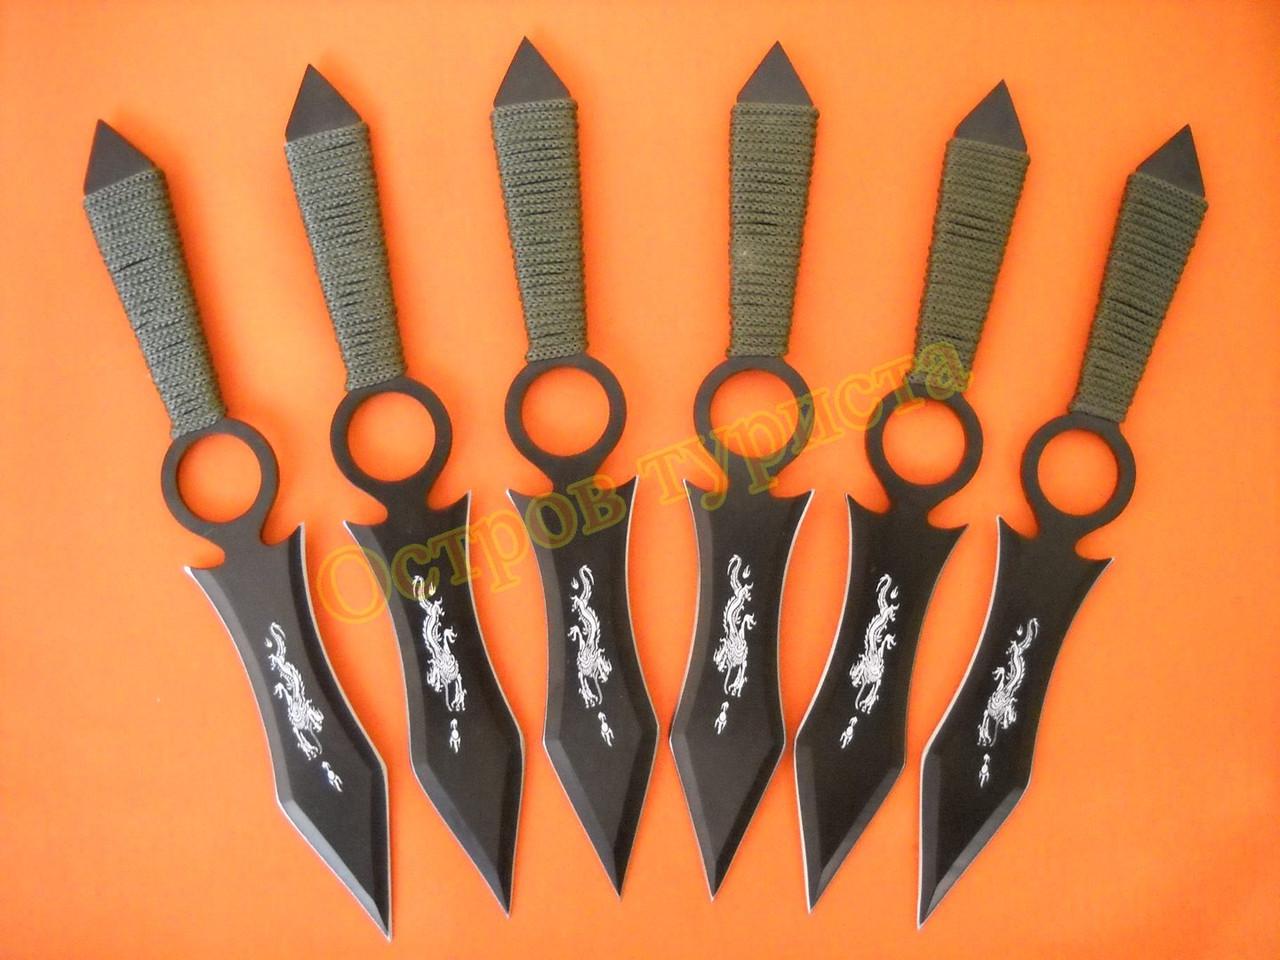 Ножи метательные набор 6 шт 00558 с чехлом